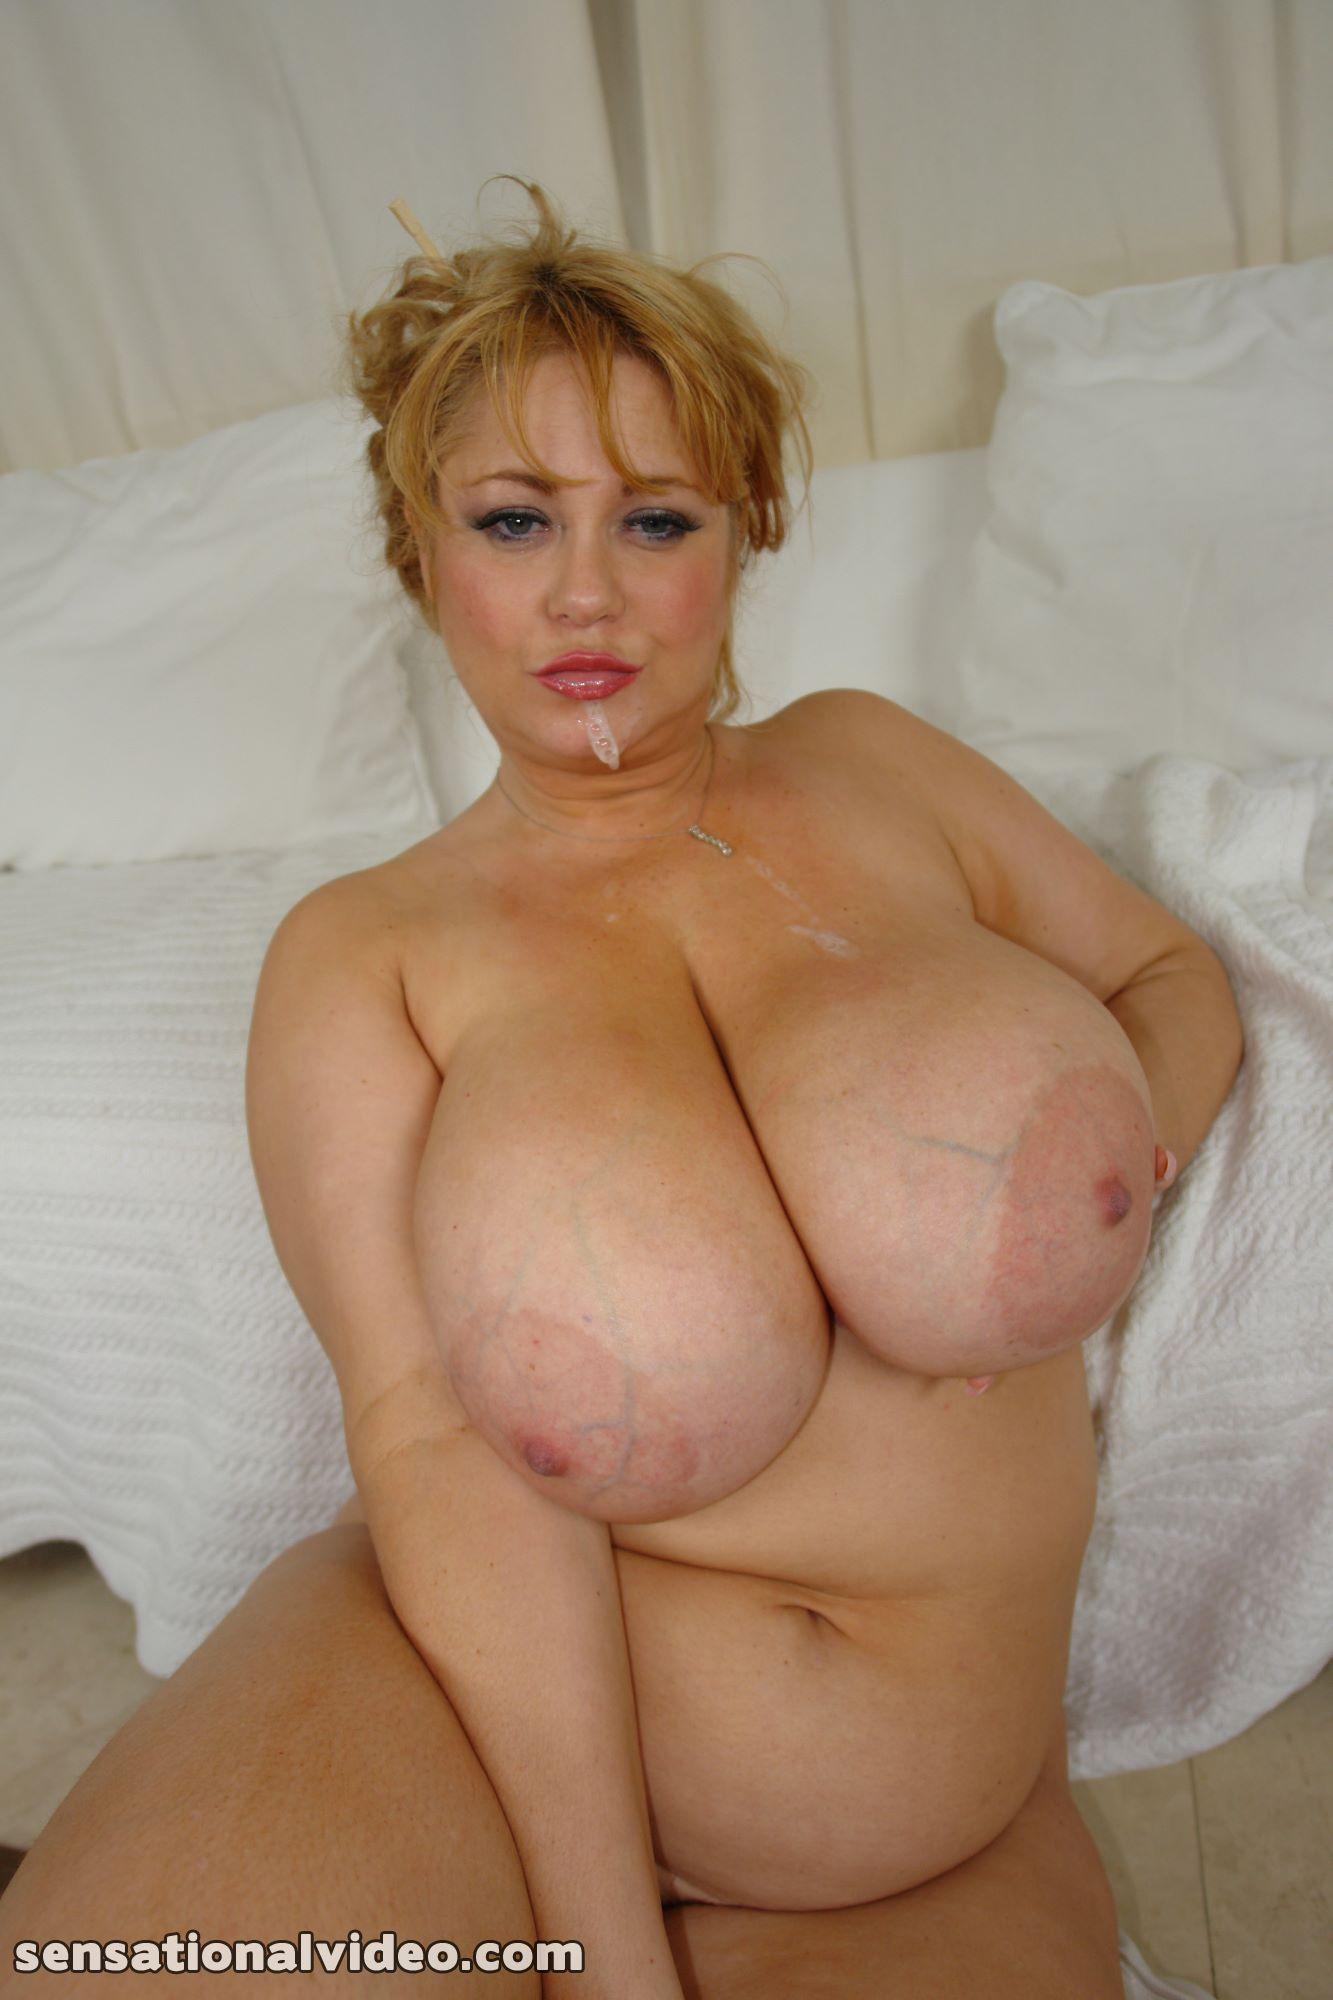 Samantha 38